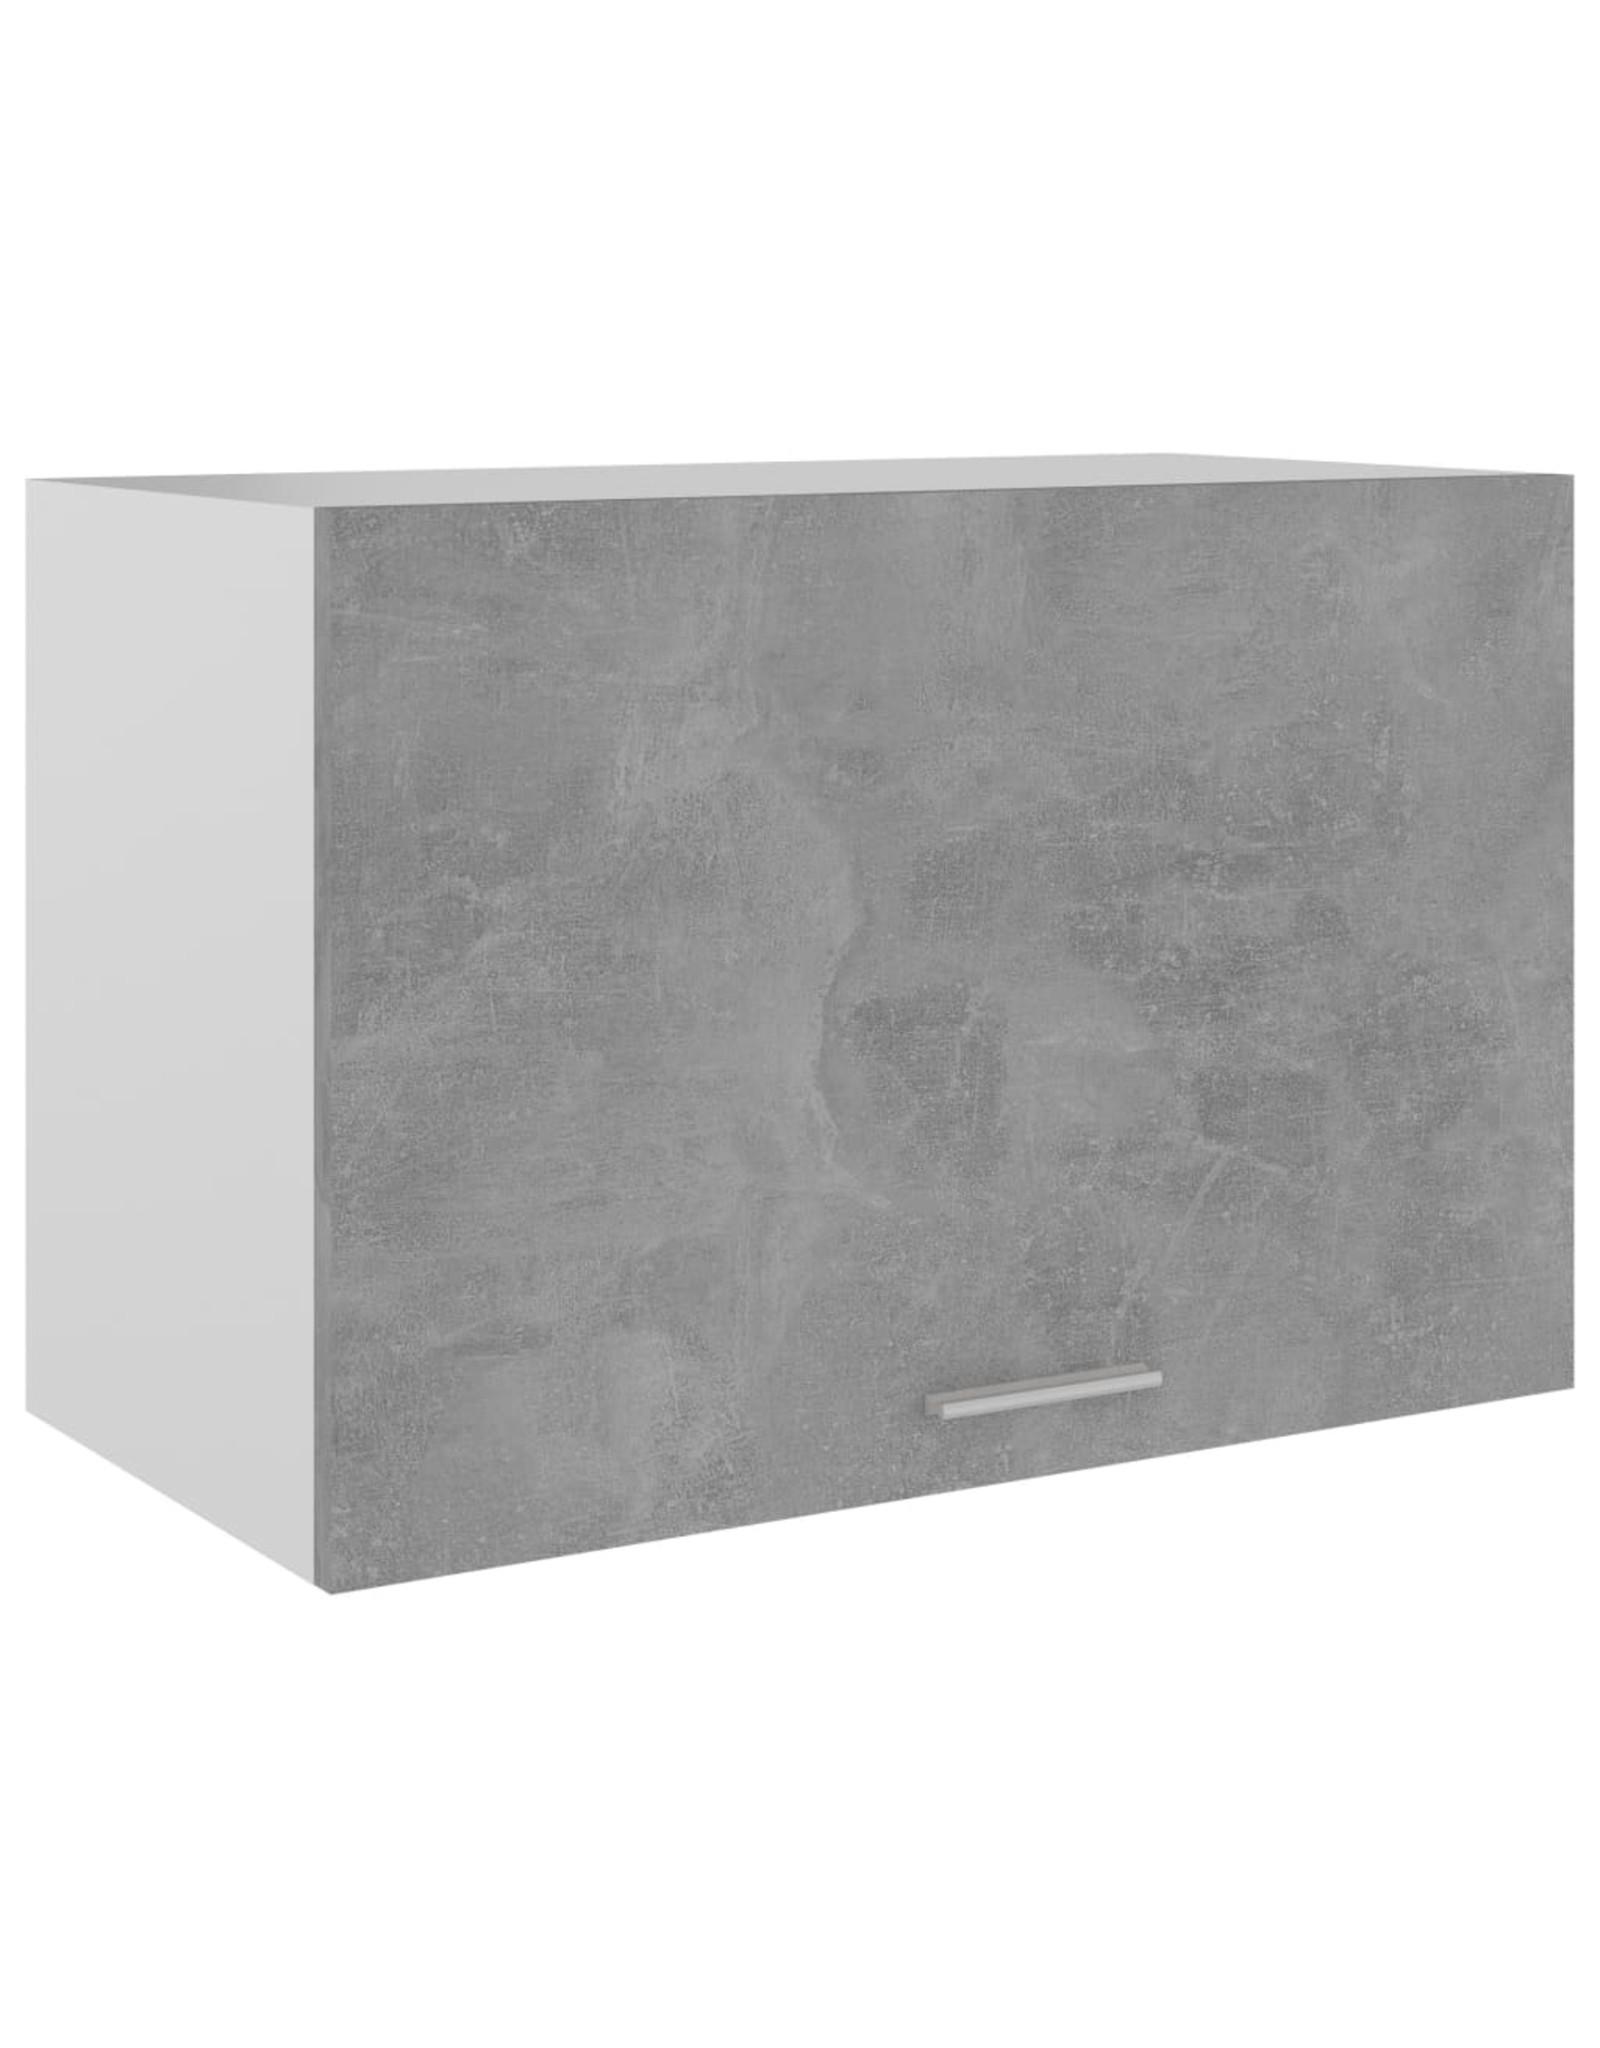 Hangkast 60x31x40 cm spaanplaat betongrijs